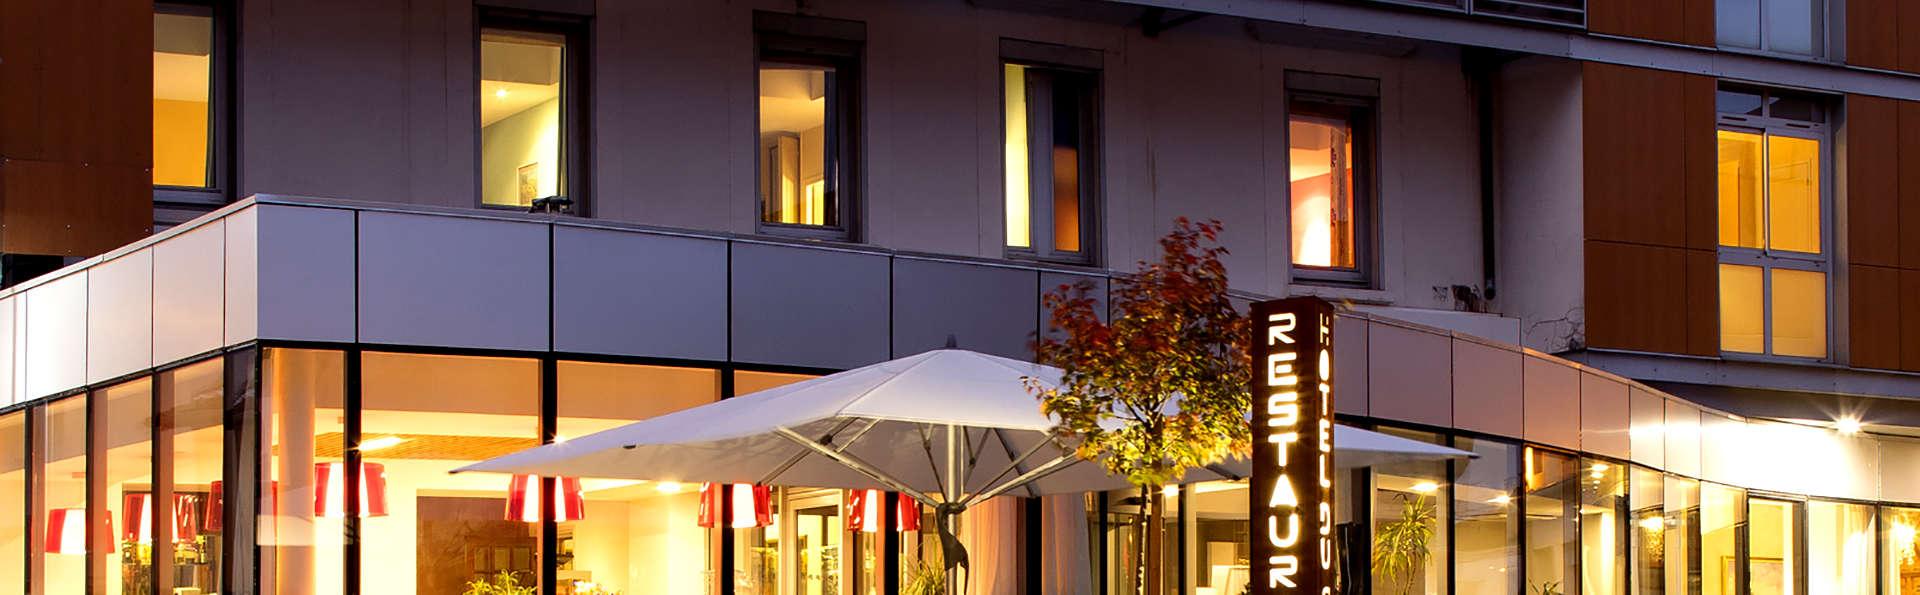 Hôtel du Commerce - Saint-Gaudens (31) - EDIT_NEW_FRONT.jpg